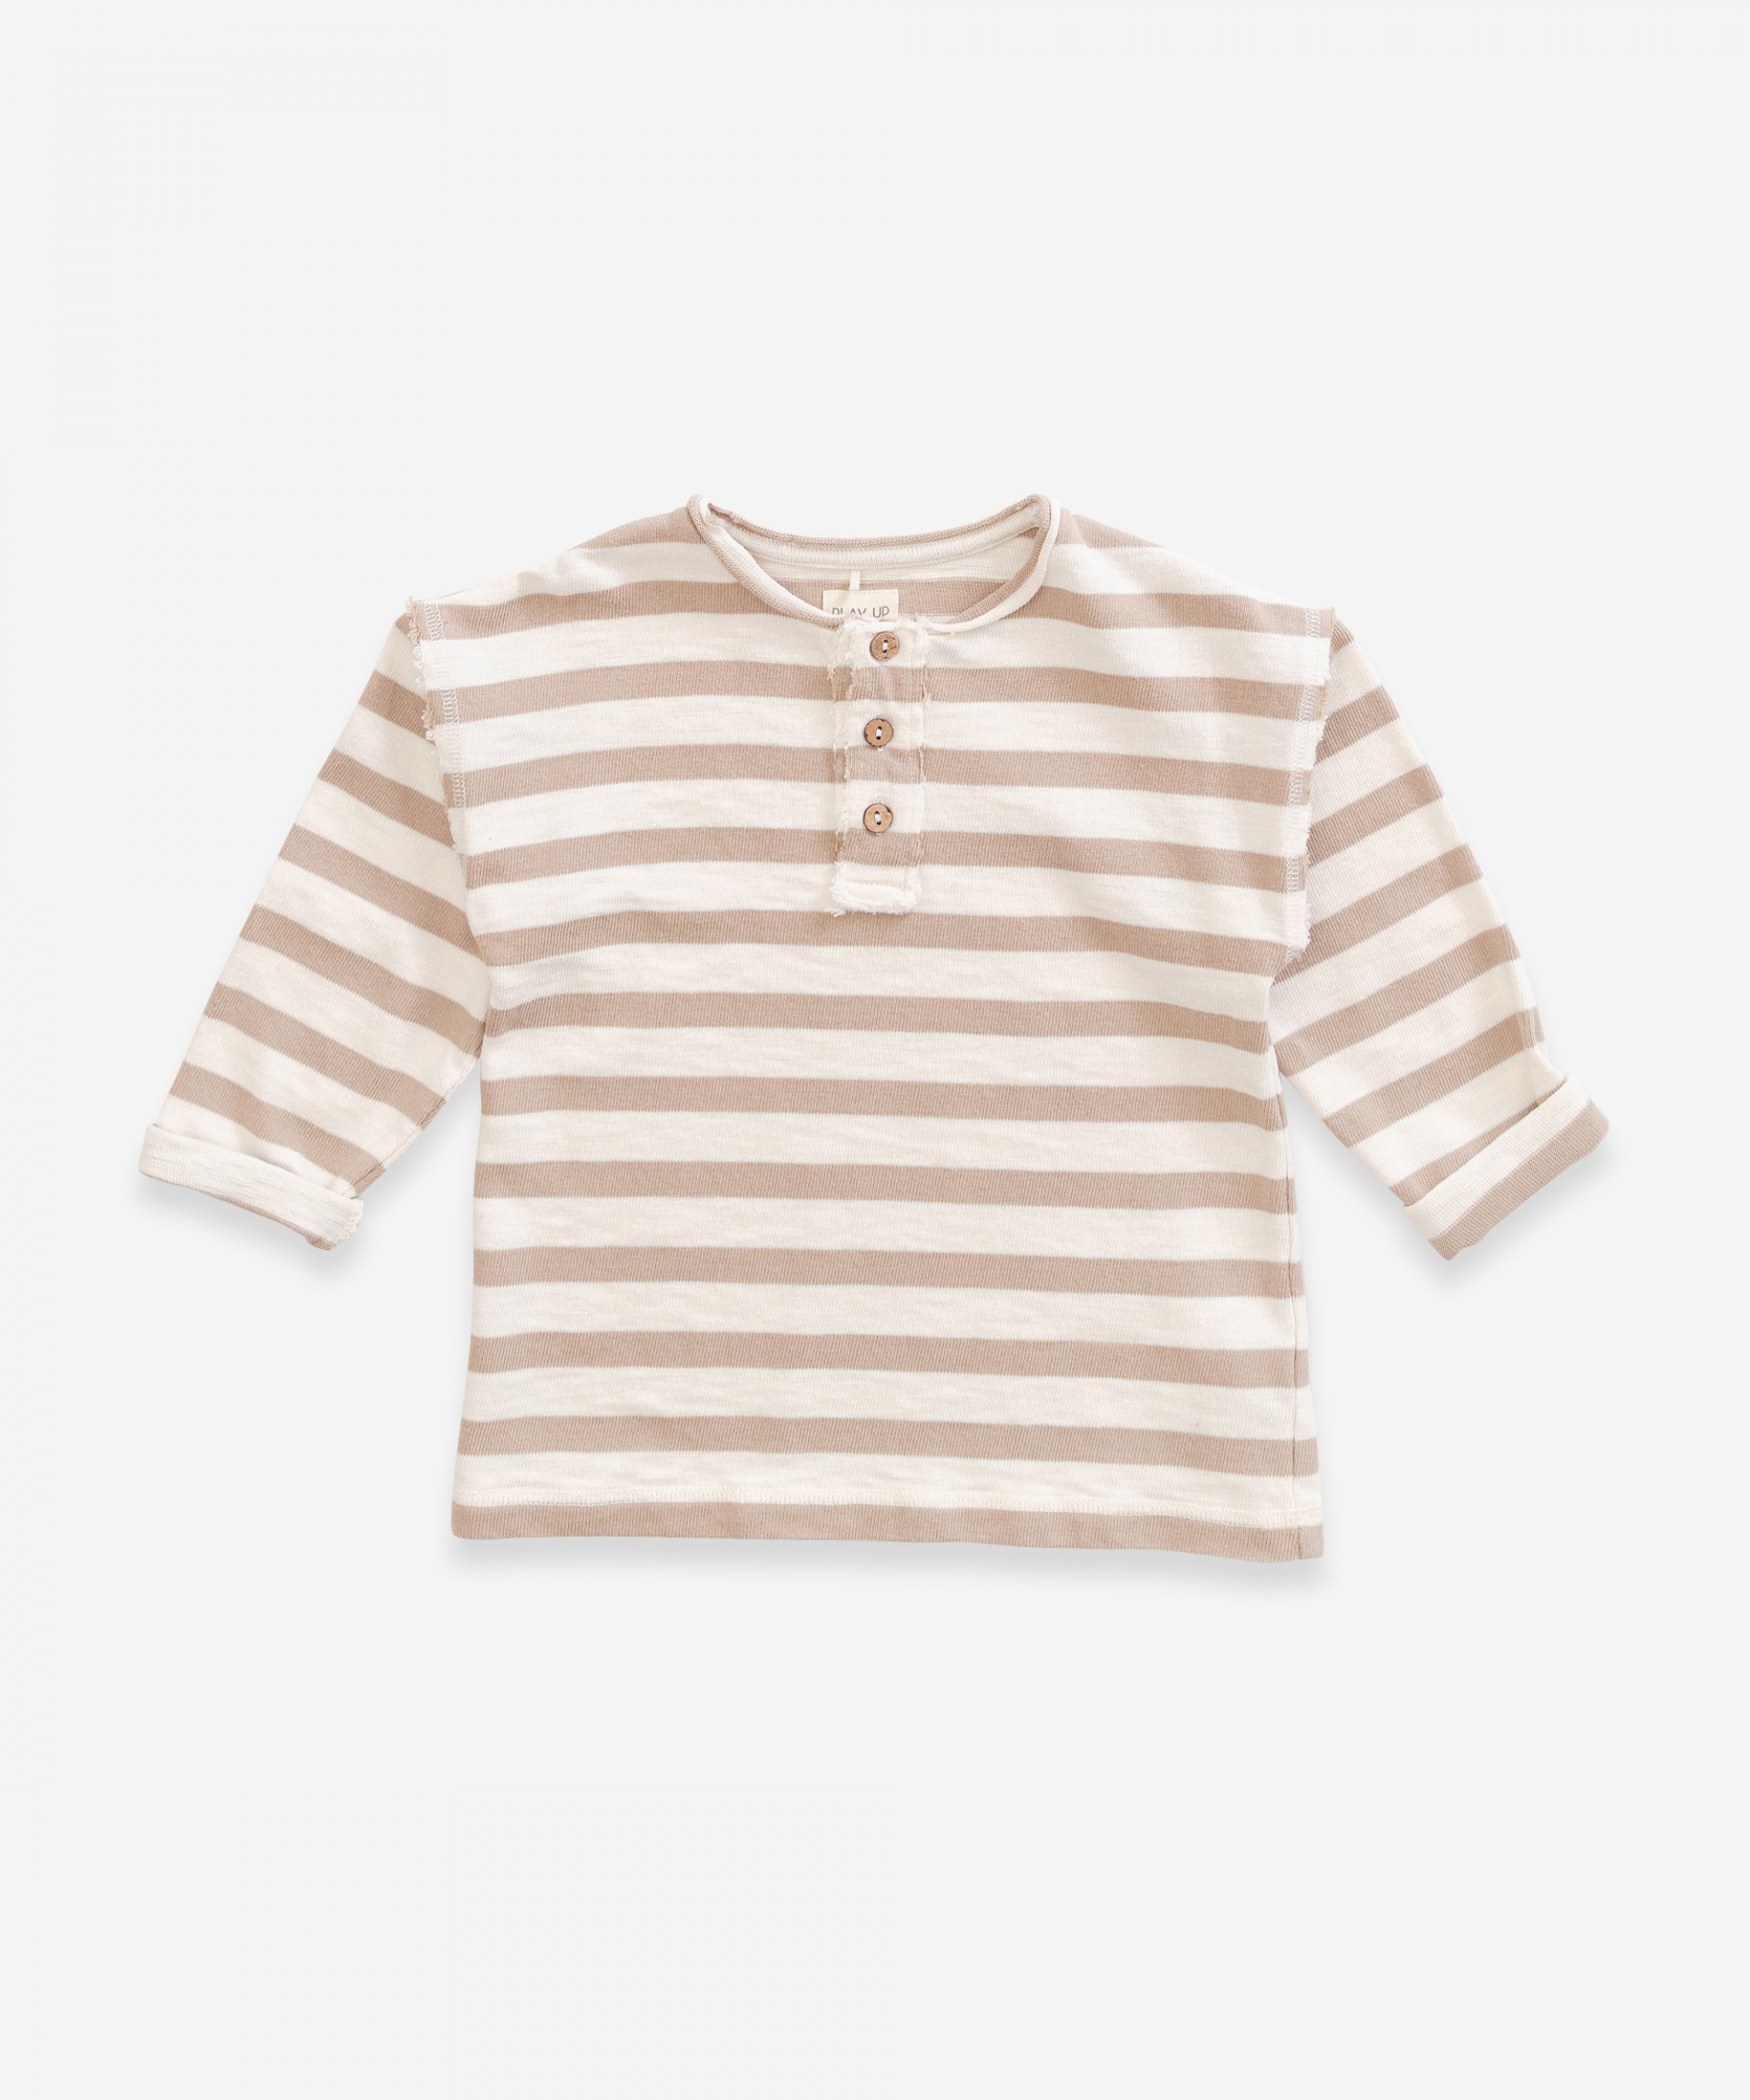 Jersey de algodón con abertura de botones | Weaving